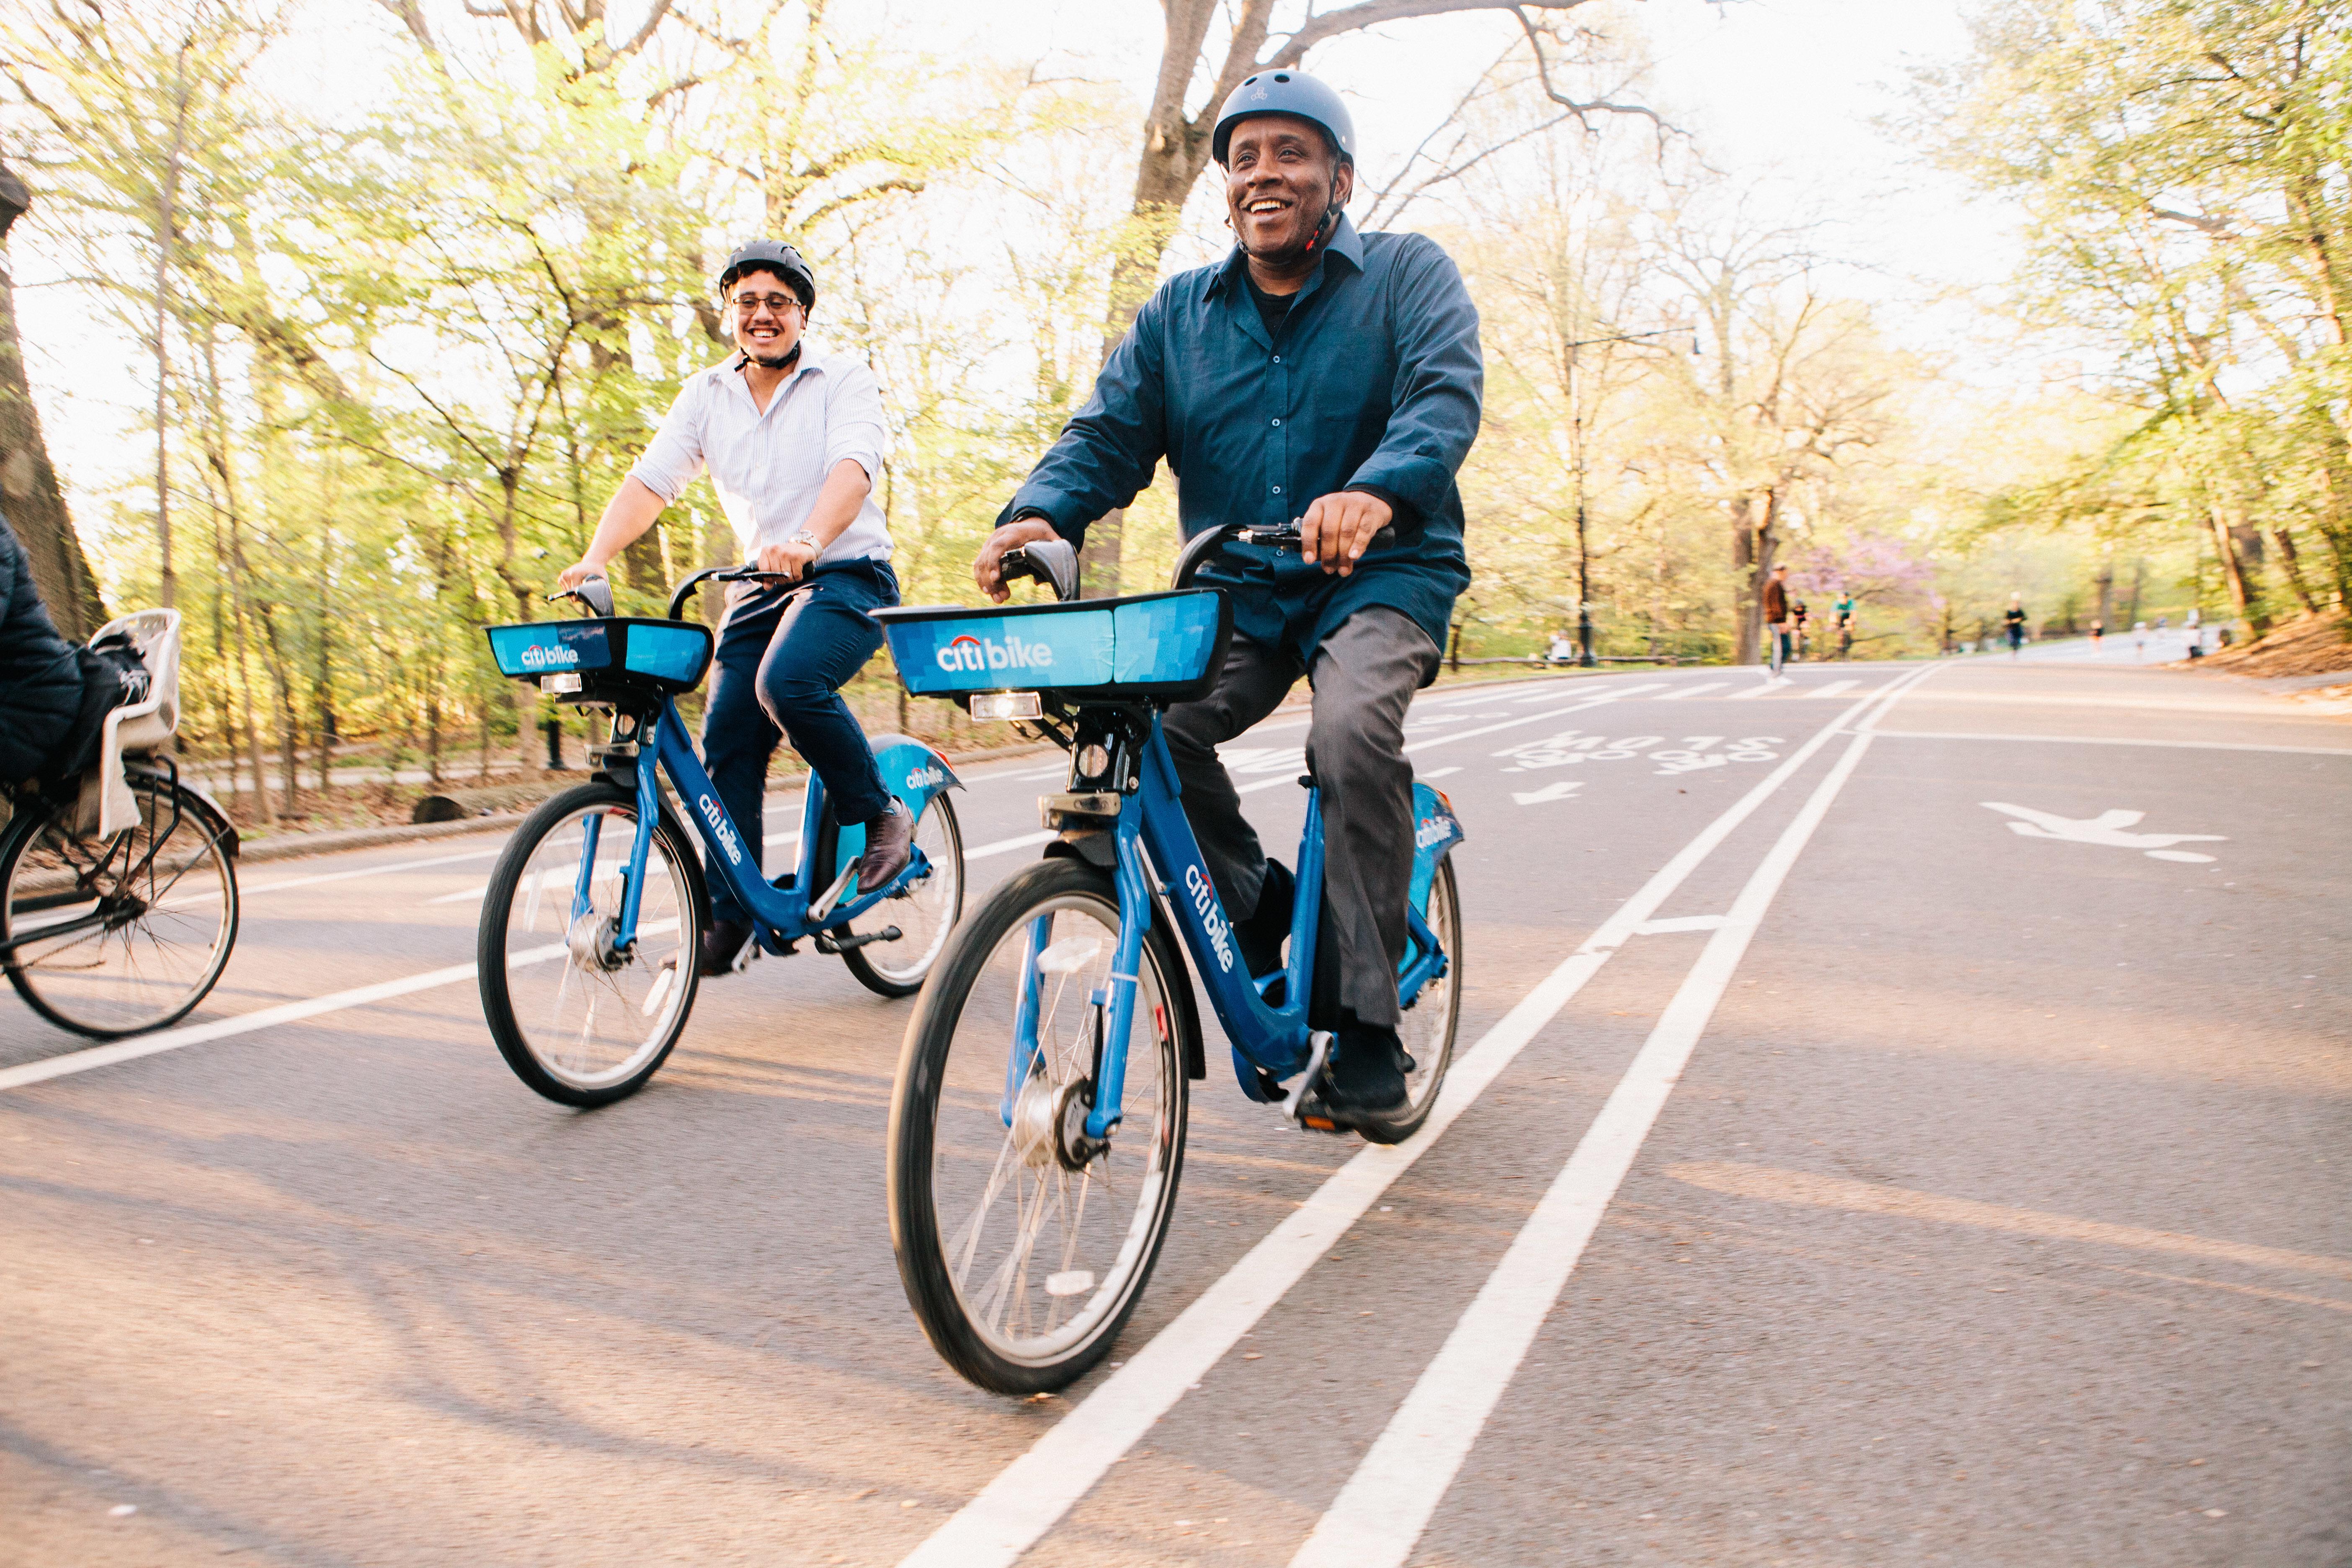 特殊时期,推荐 Citi Bike 等美国共享自行车服务